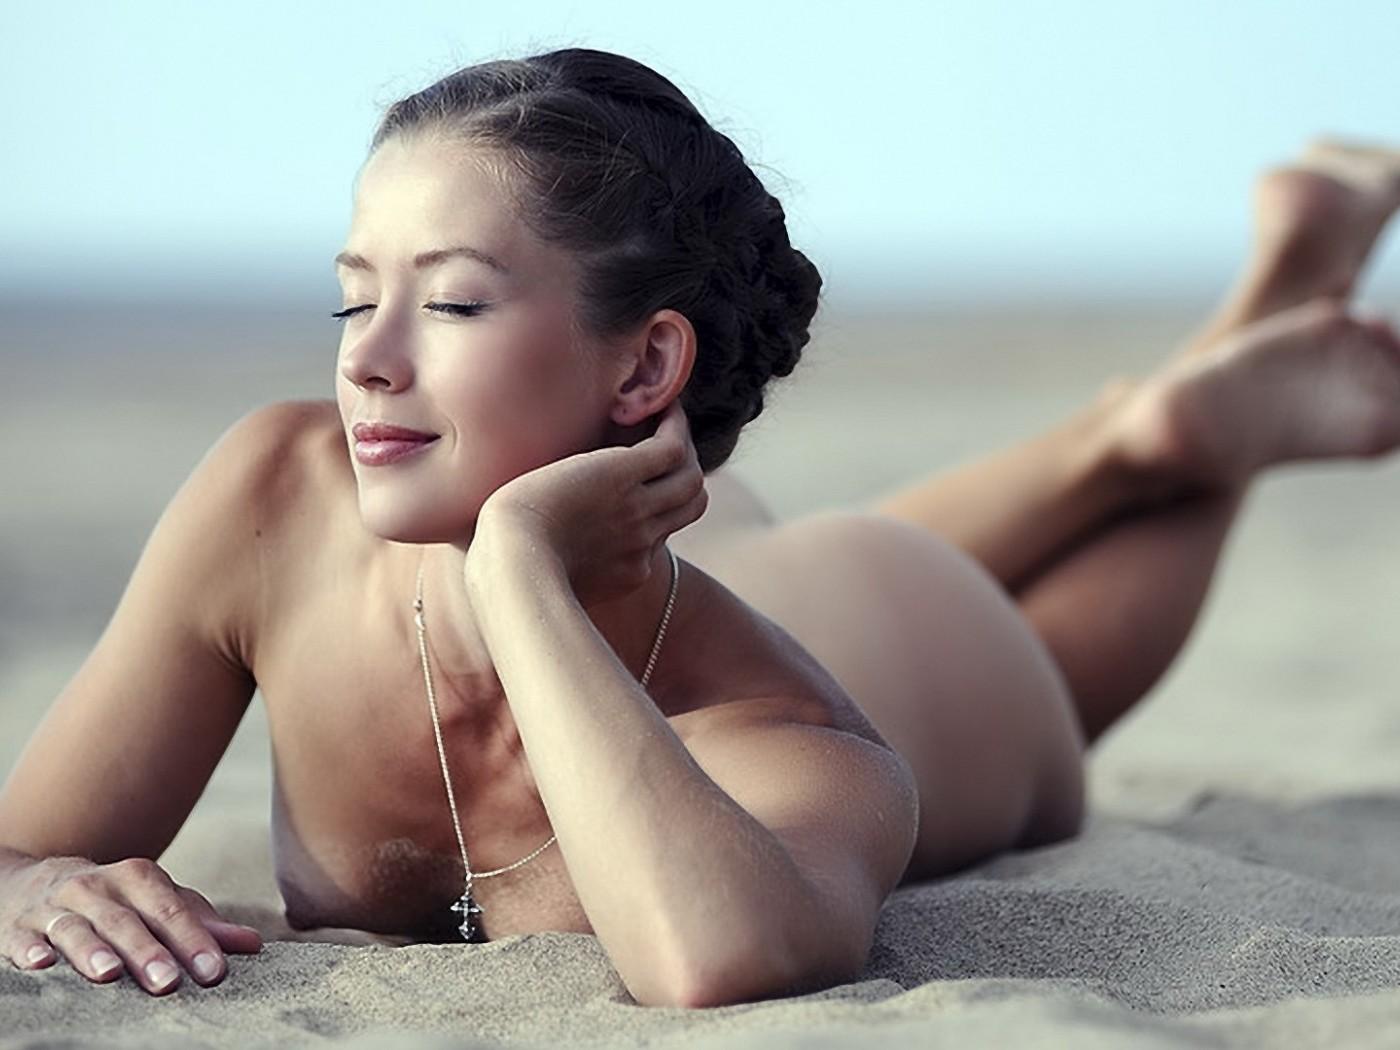 Фото голое женское тело, Голое тело - красивое женское тело нагишом - интим фото 8 фотография